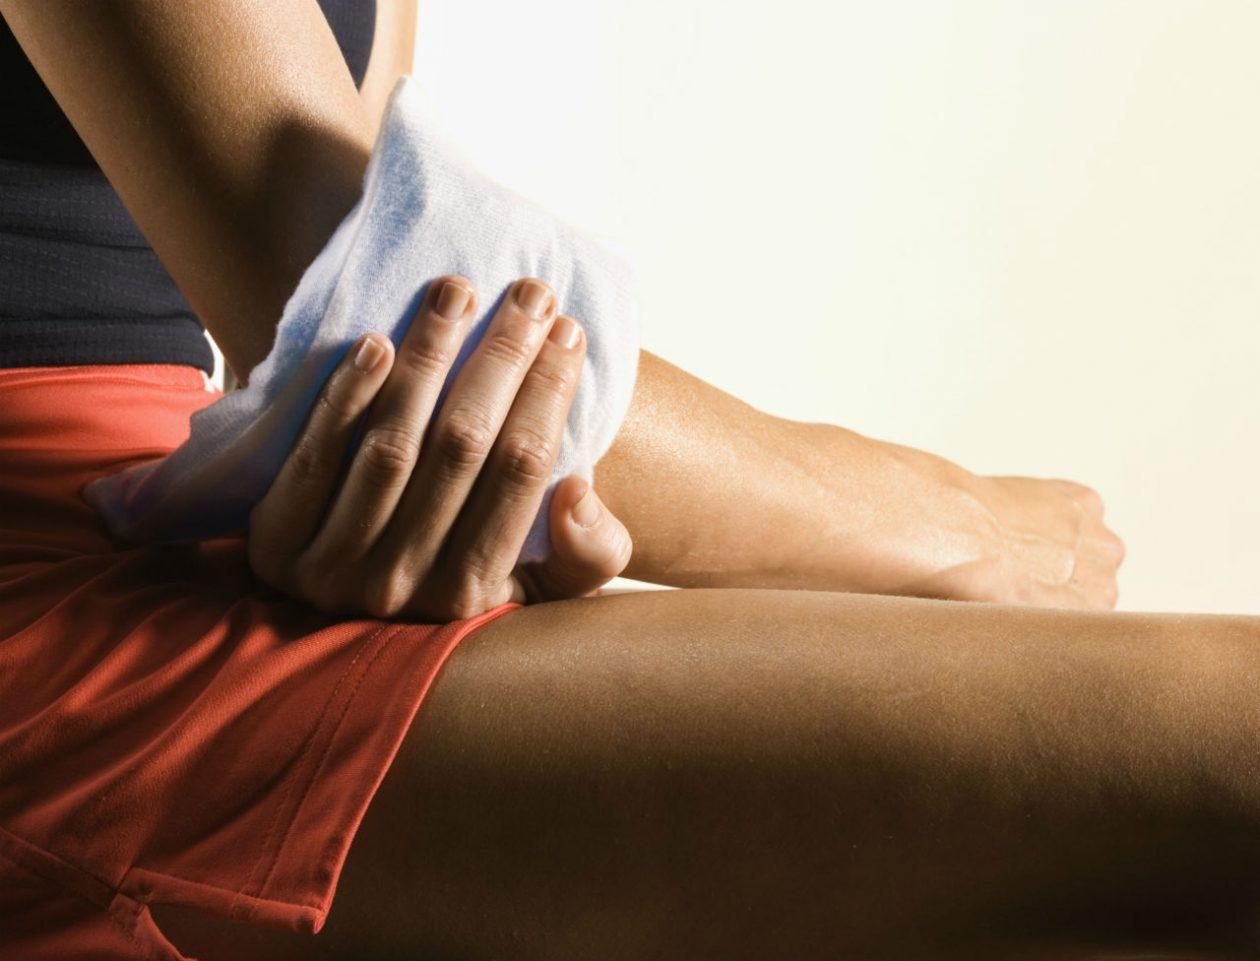 Comment soulager une tendinite au bras ?